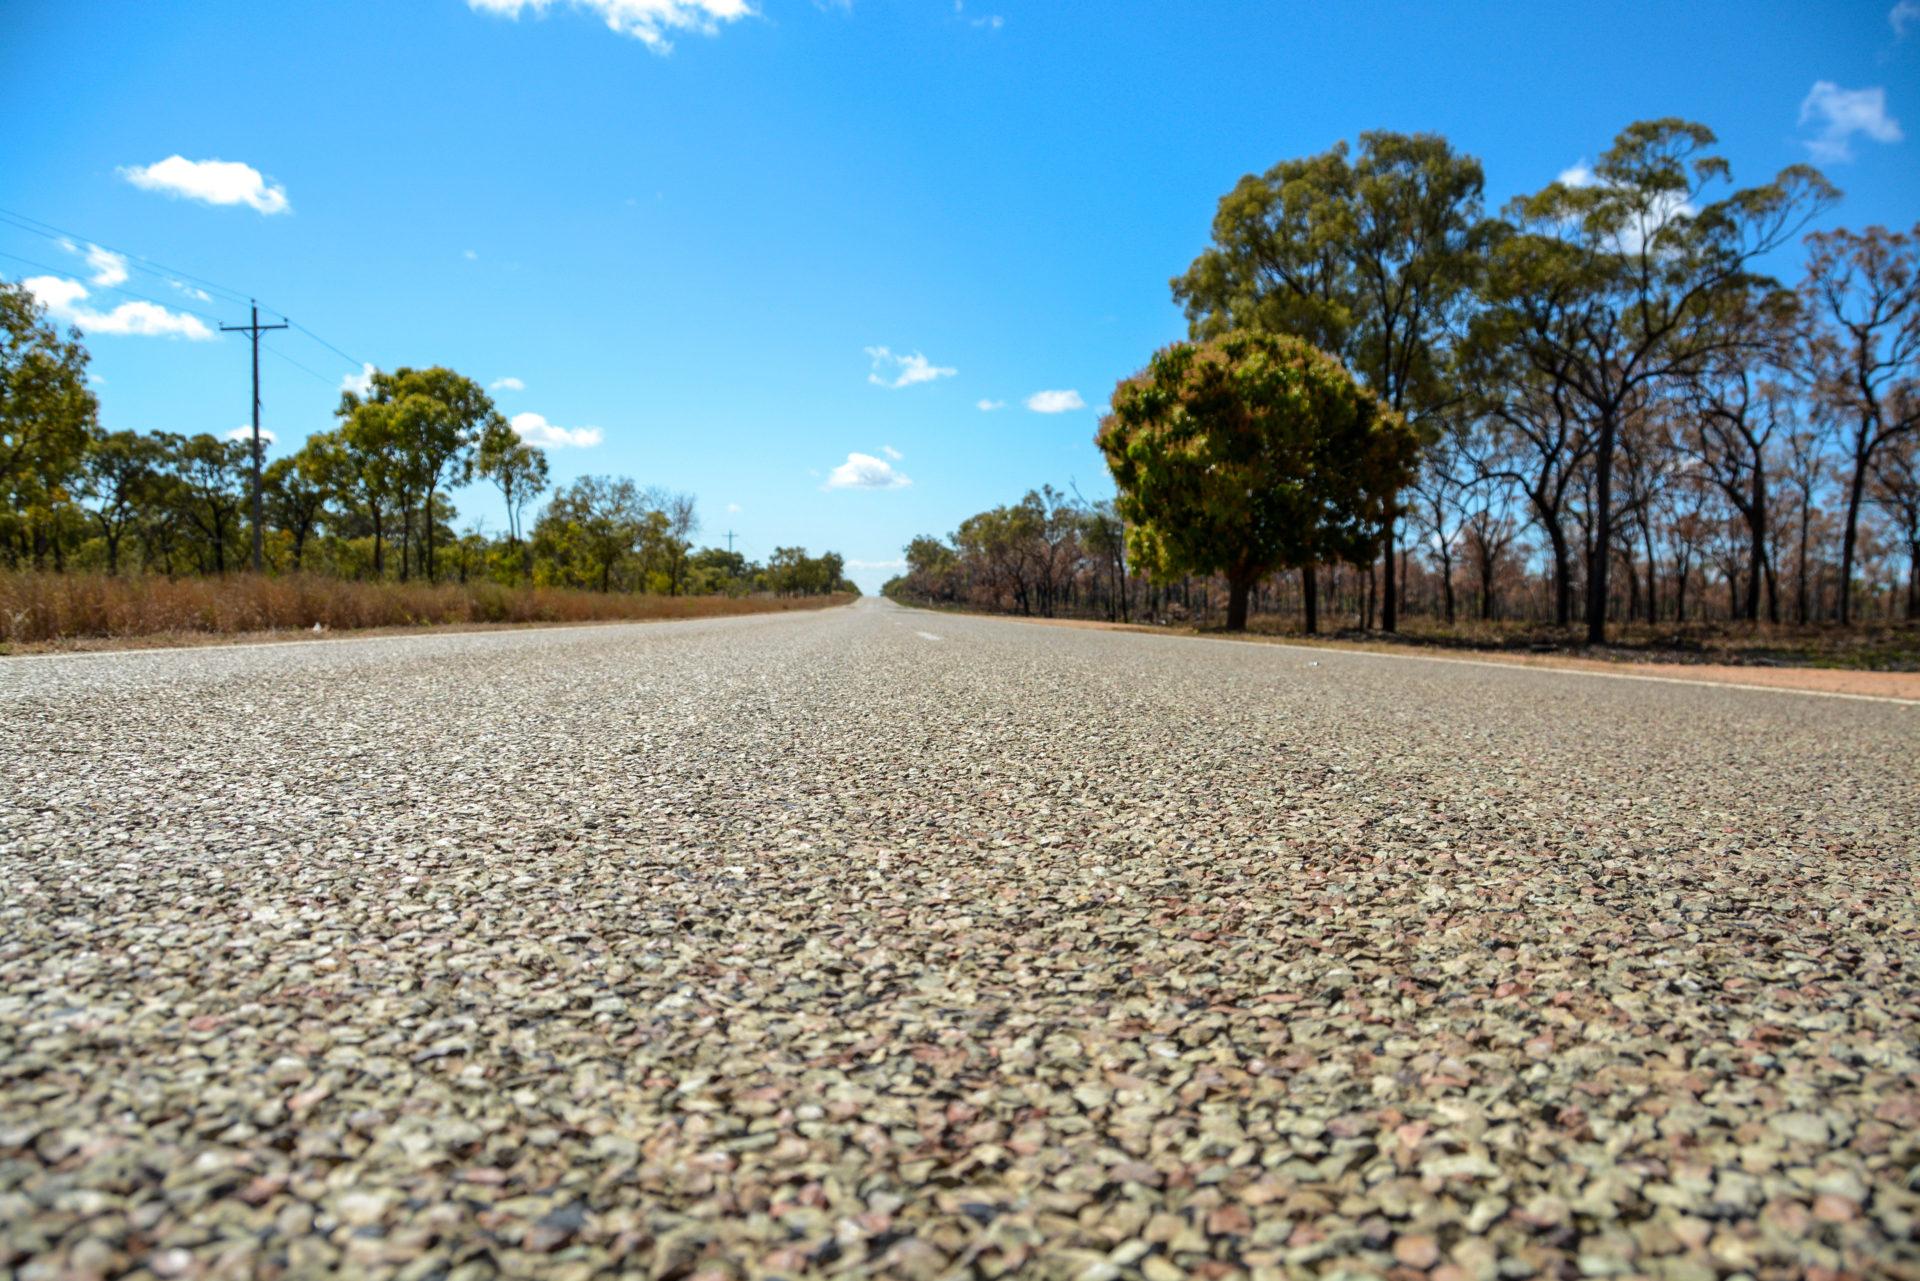 Einsame Straße durch Queensland mit Mangobaum